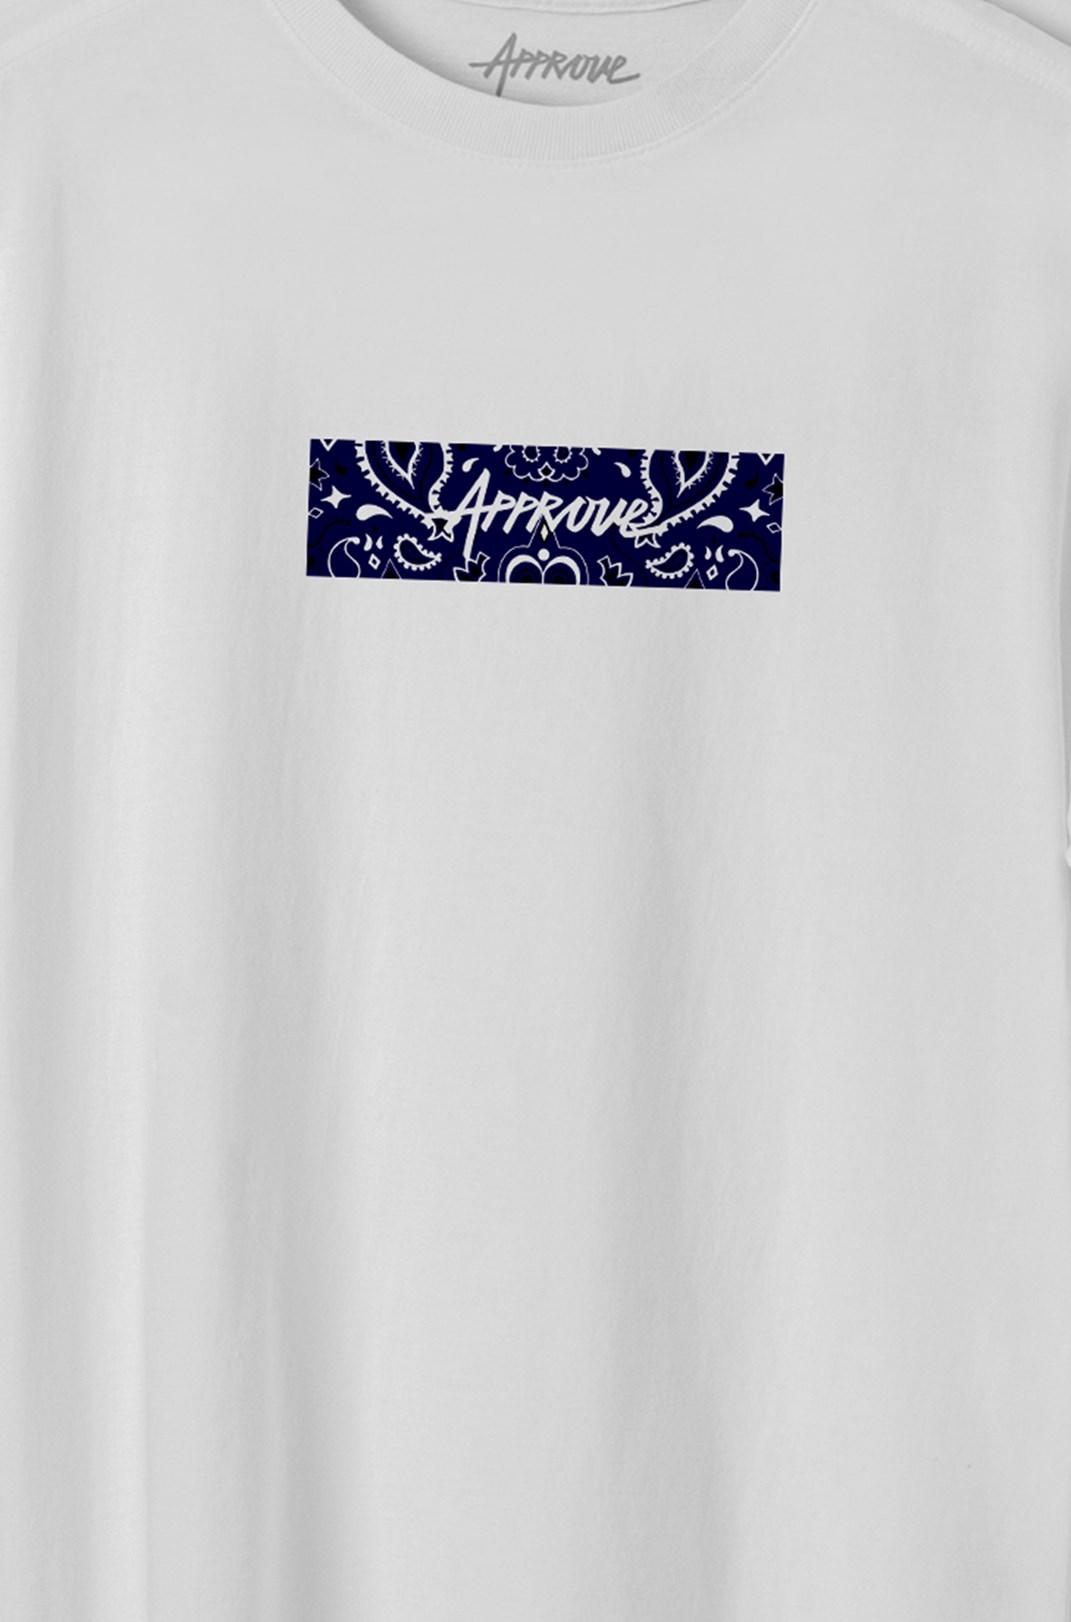 Camiseta Bold Approve Cashmere Branca E Azul